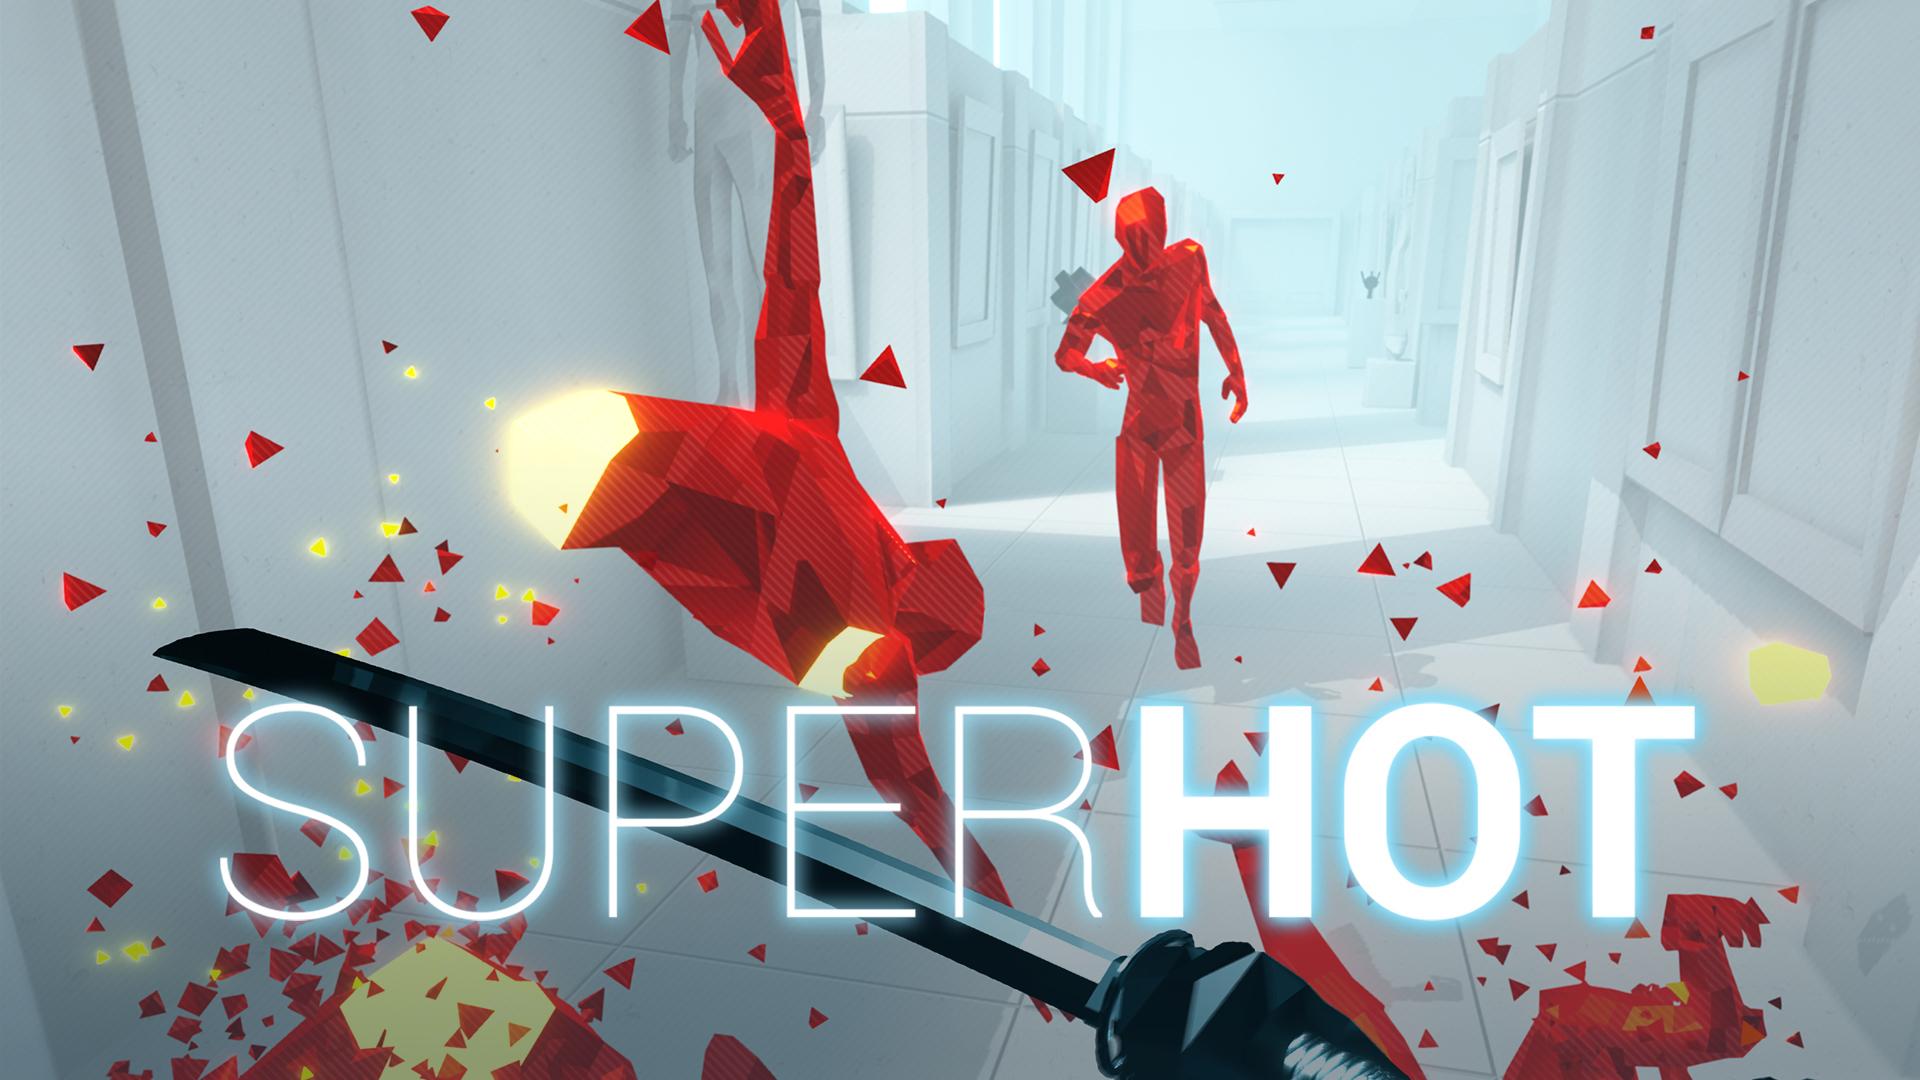 superhot-switch-hero.jpg